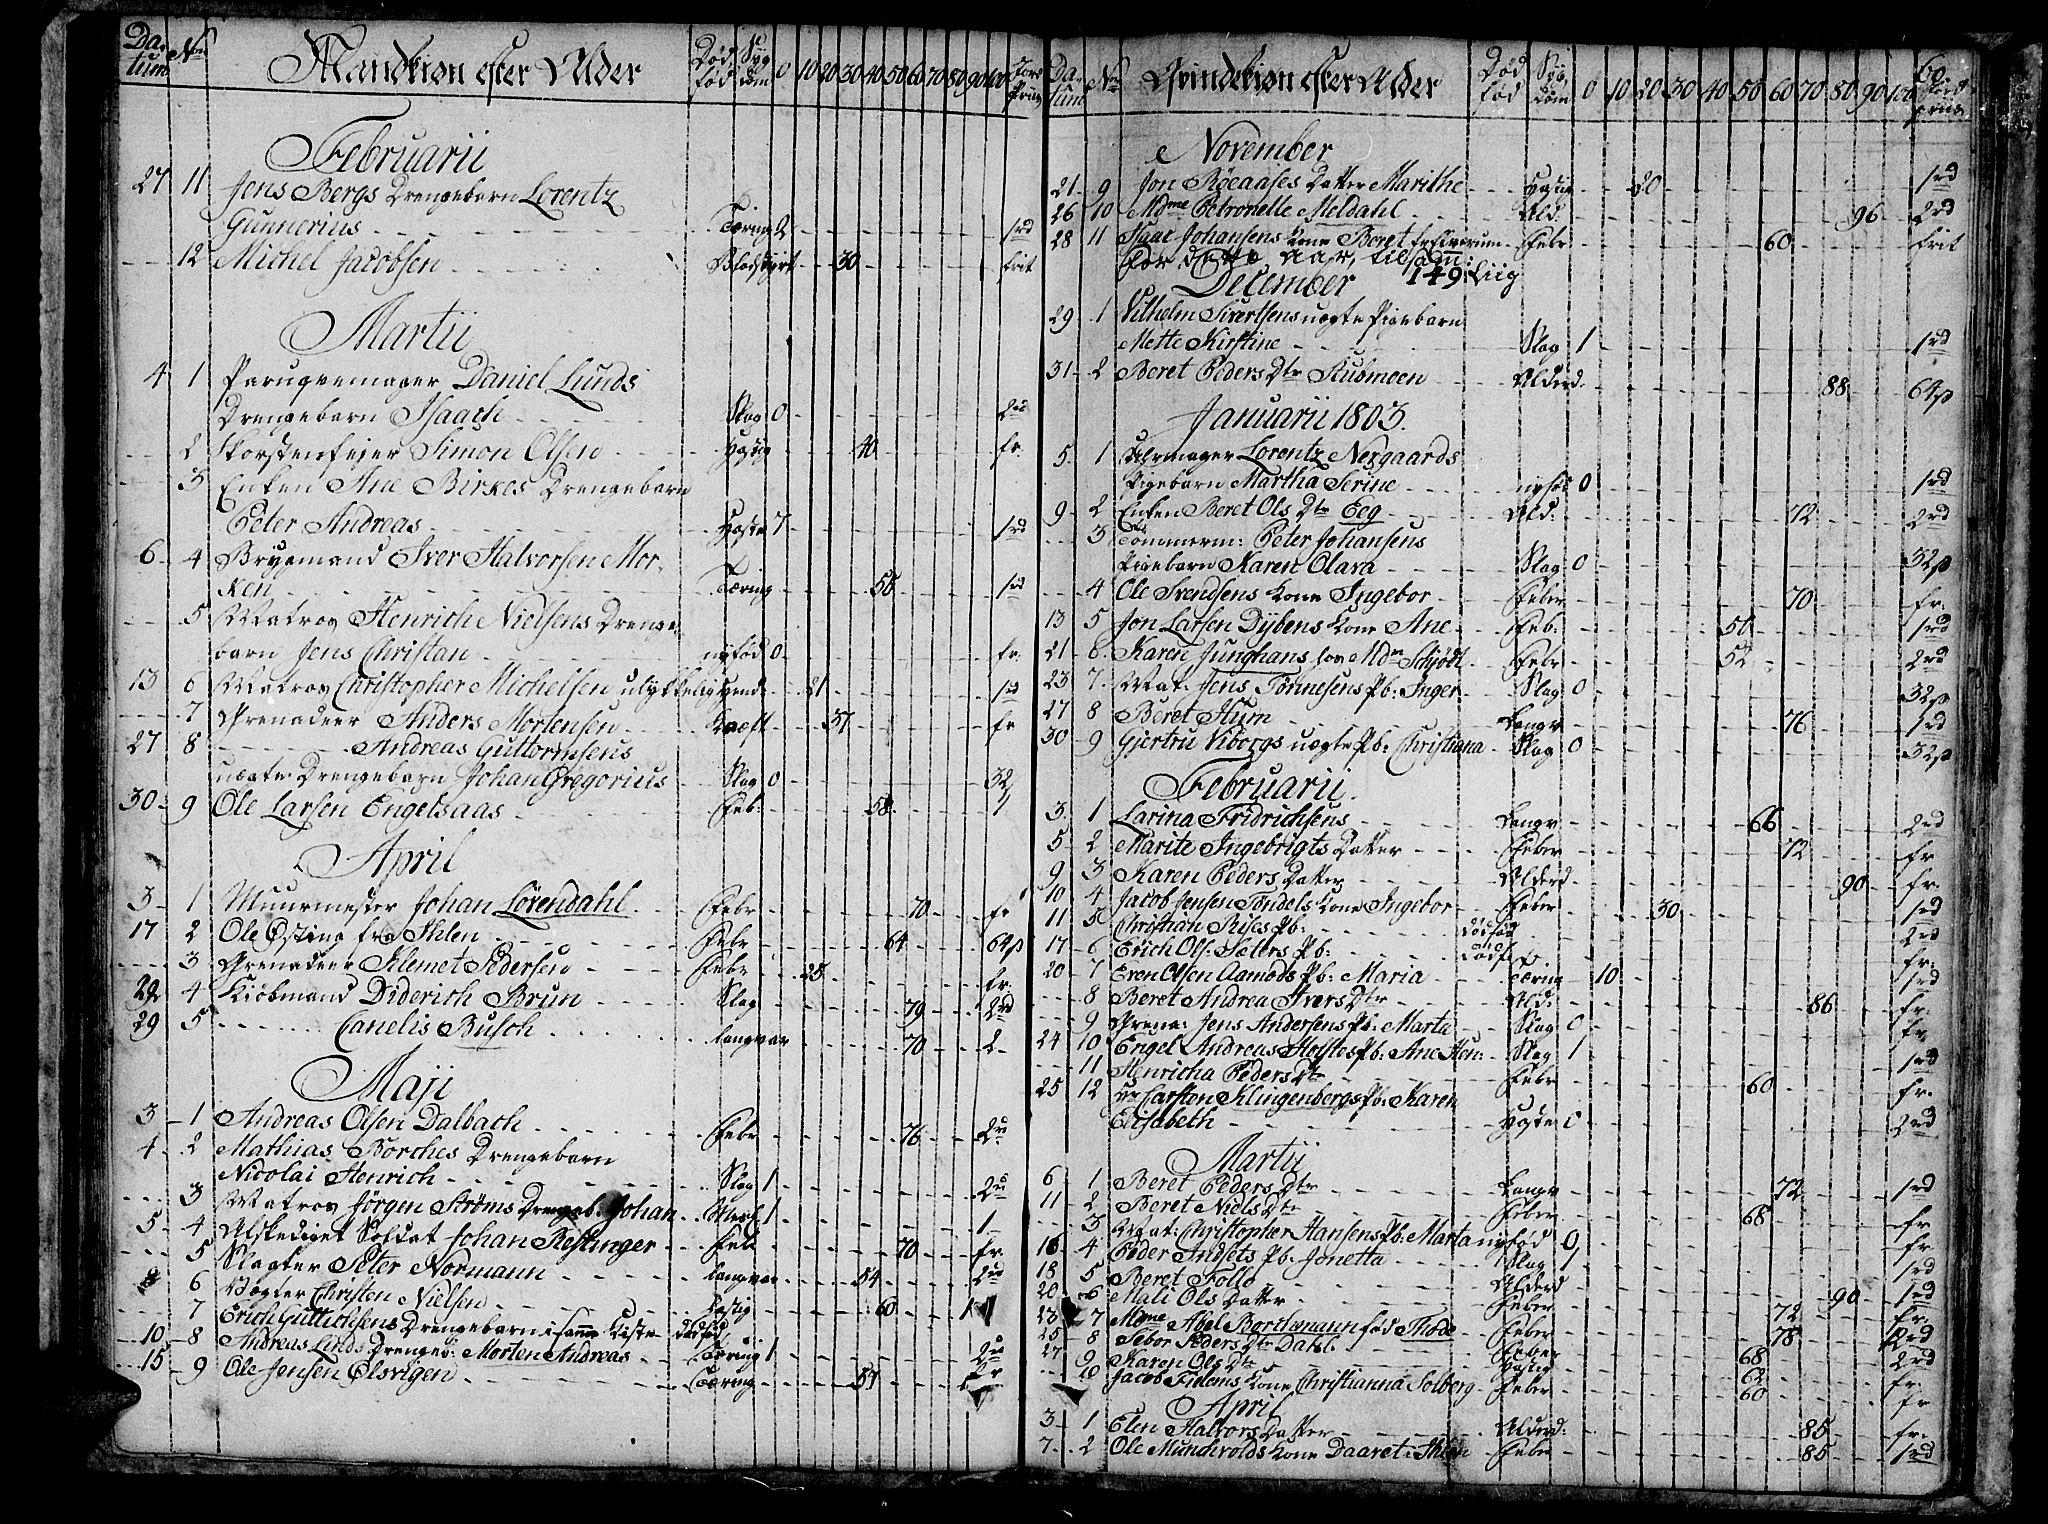 SAT, Ministerialprotokoller, klokkerbøker og fødselsregistre - Sør-Trøndelag, 601/L0040: Ministerialbok nr. 601A08, 1783-1818, s. 60